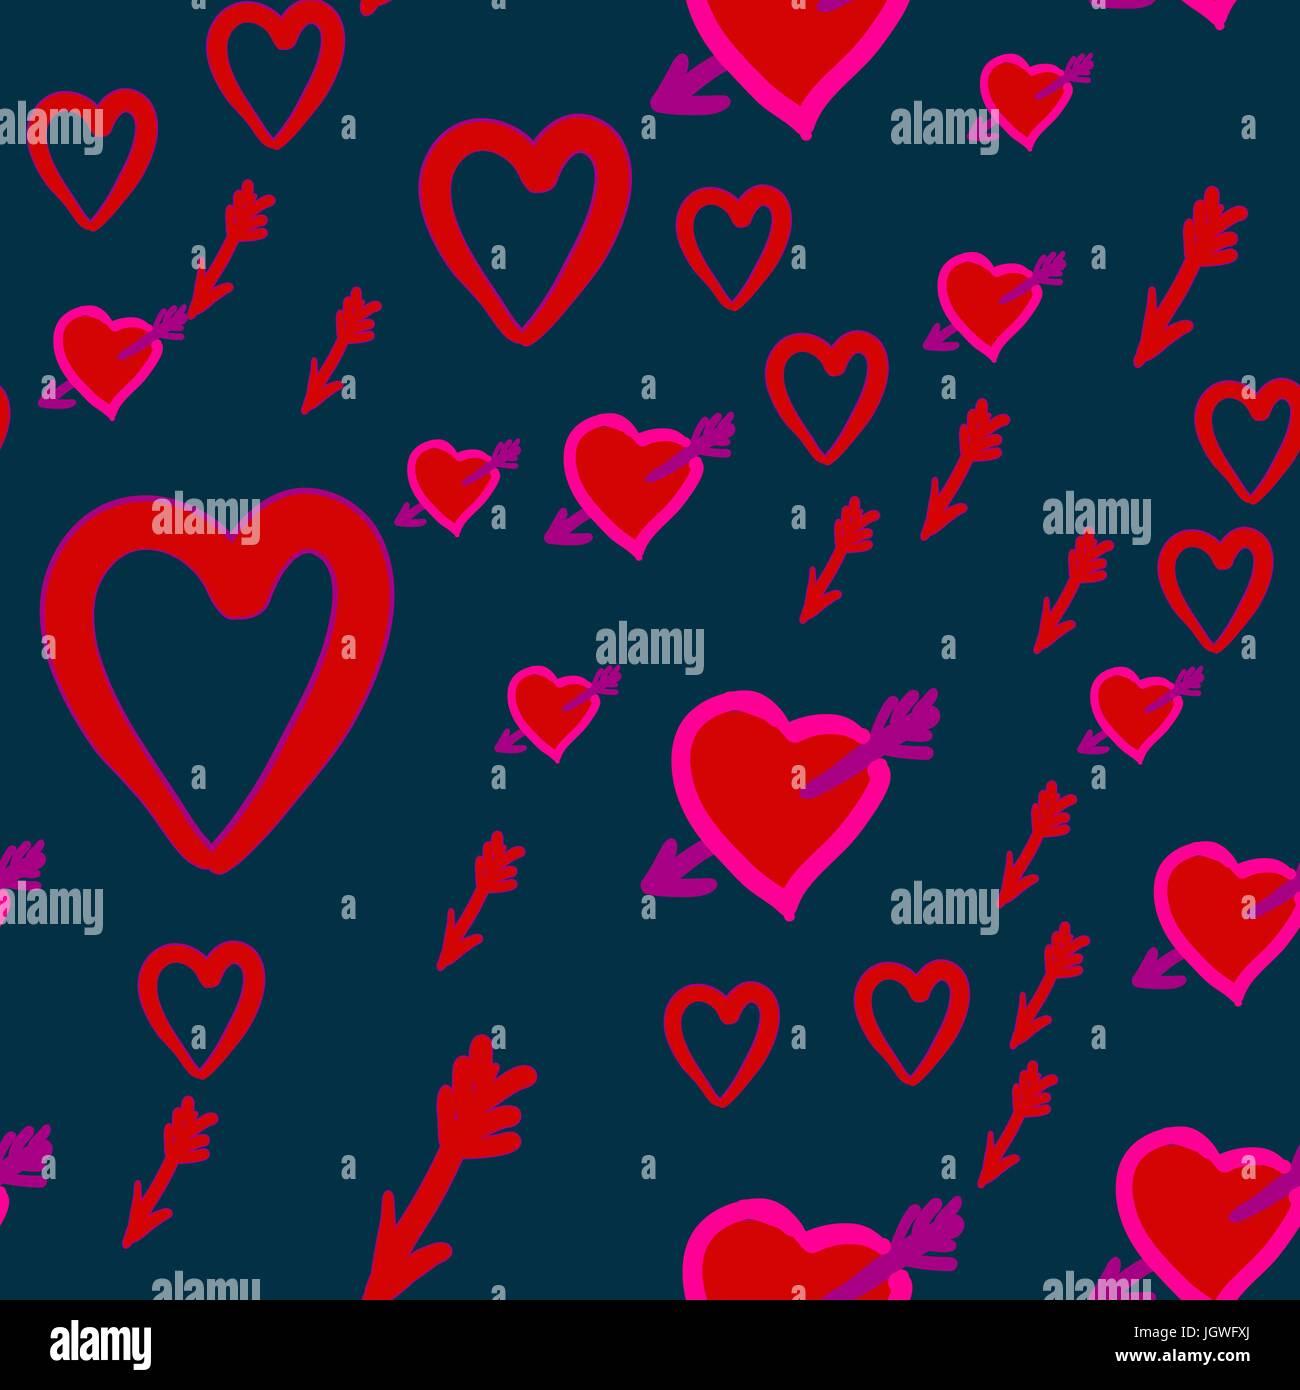 Amor Jagd Valentinstag Muster Mit Amors Pfeilen Im Herzen Vektor